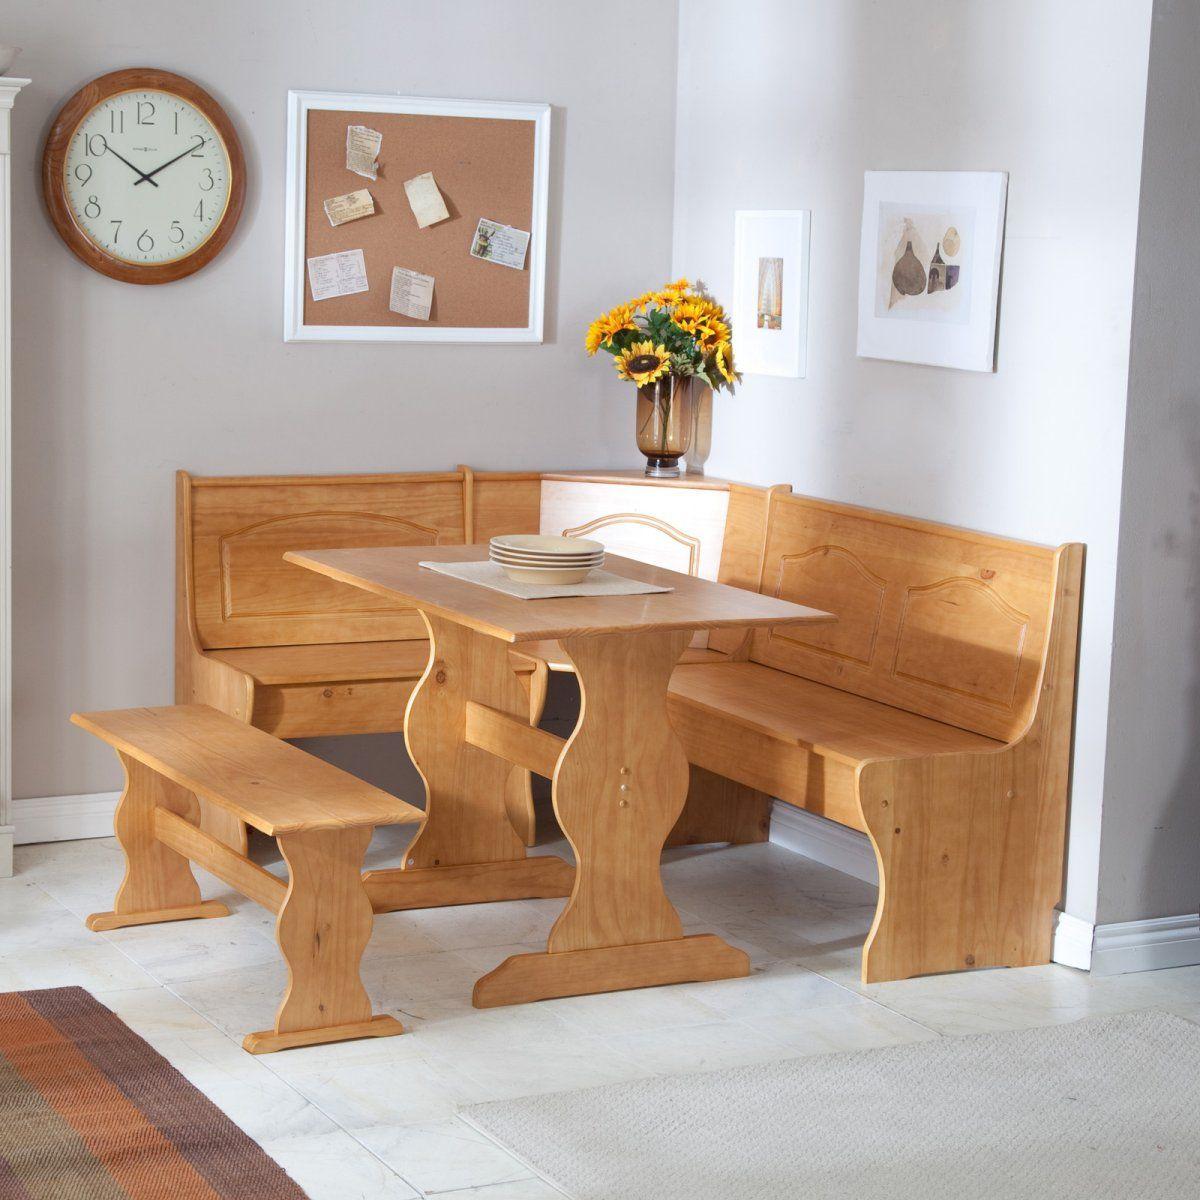 Marvelous Linon Chelsea Breakfast Corner Nook Gifts For The Baker Spiritservingveterans Wood Chair Design Ideas Spiritservingveteransorg